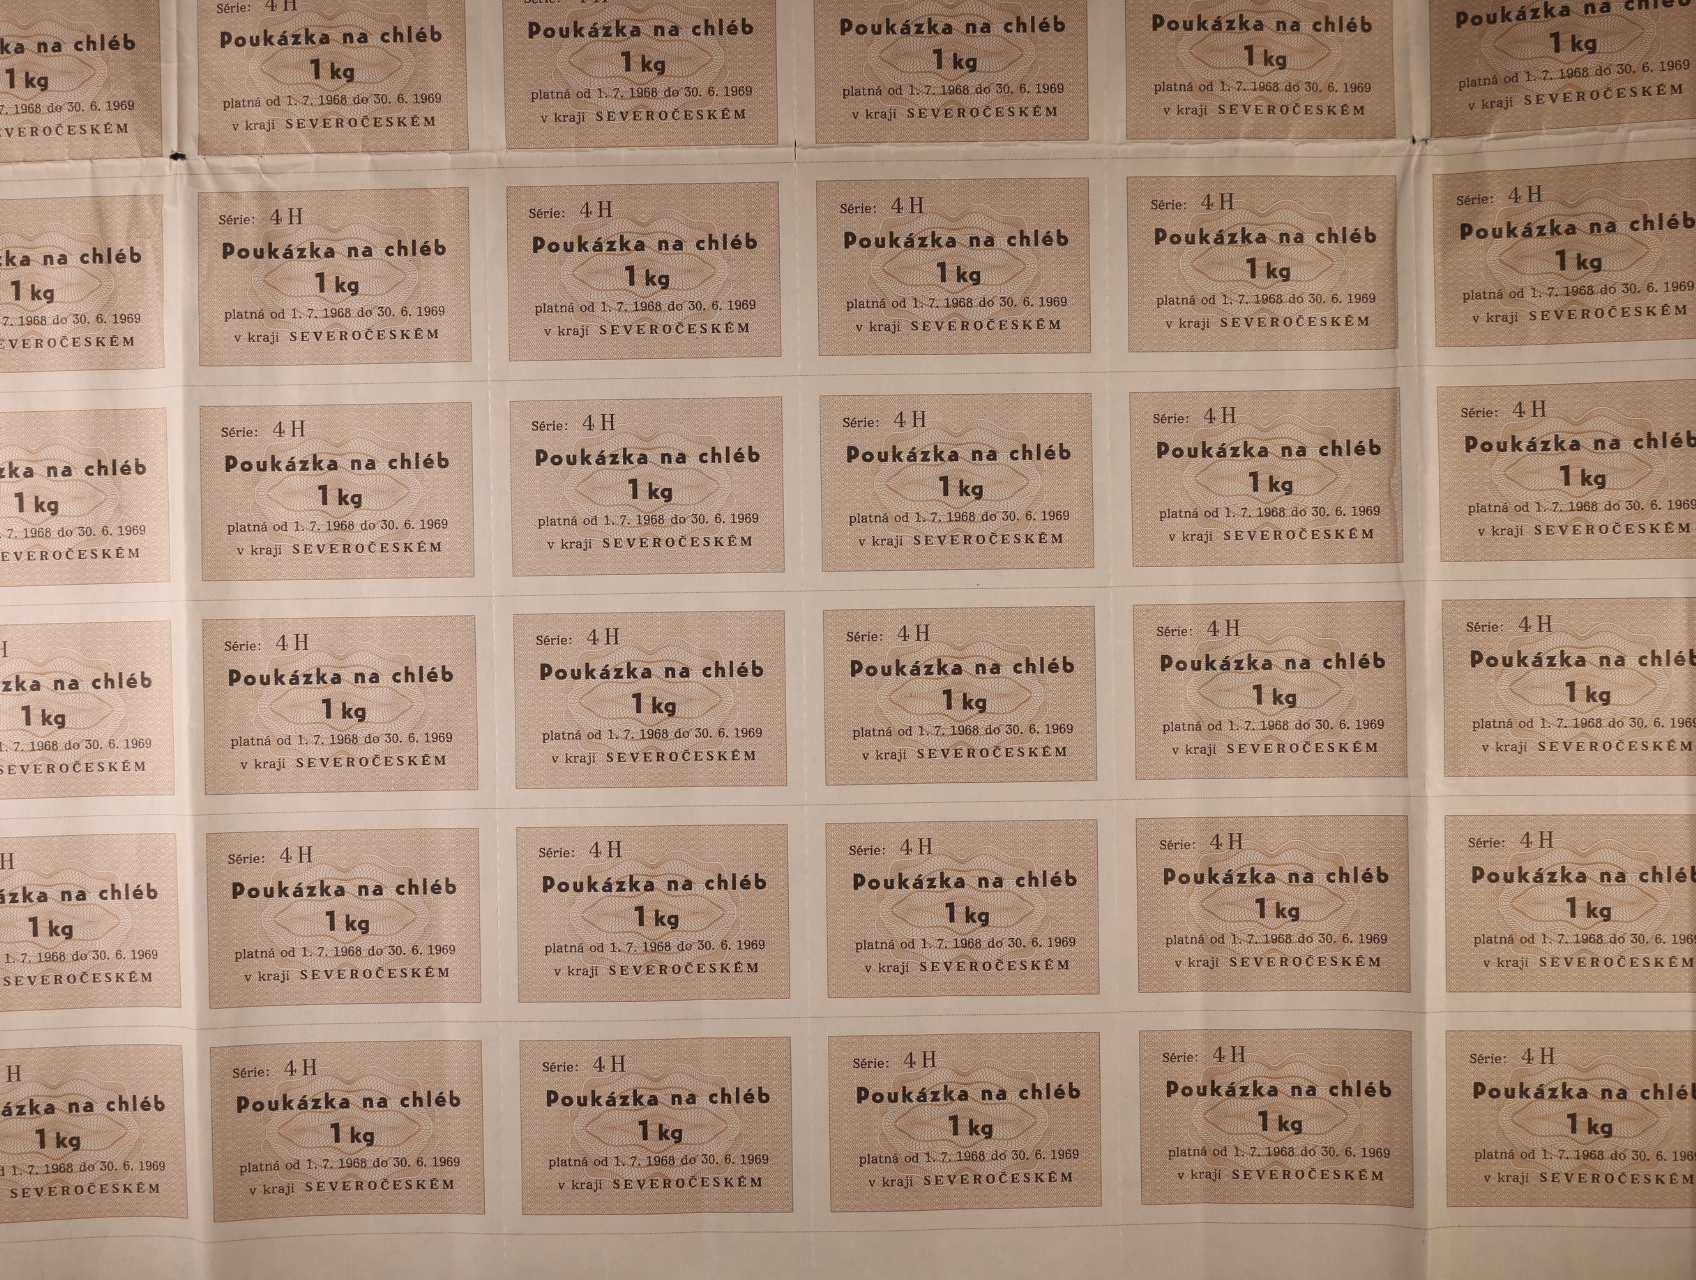 poukázka na chléb 1 kg 1.7.1968 série 4H severočeský kraj, kompletní tiskový 100-kusový arch